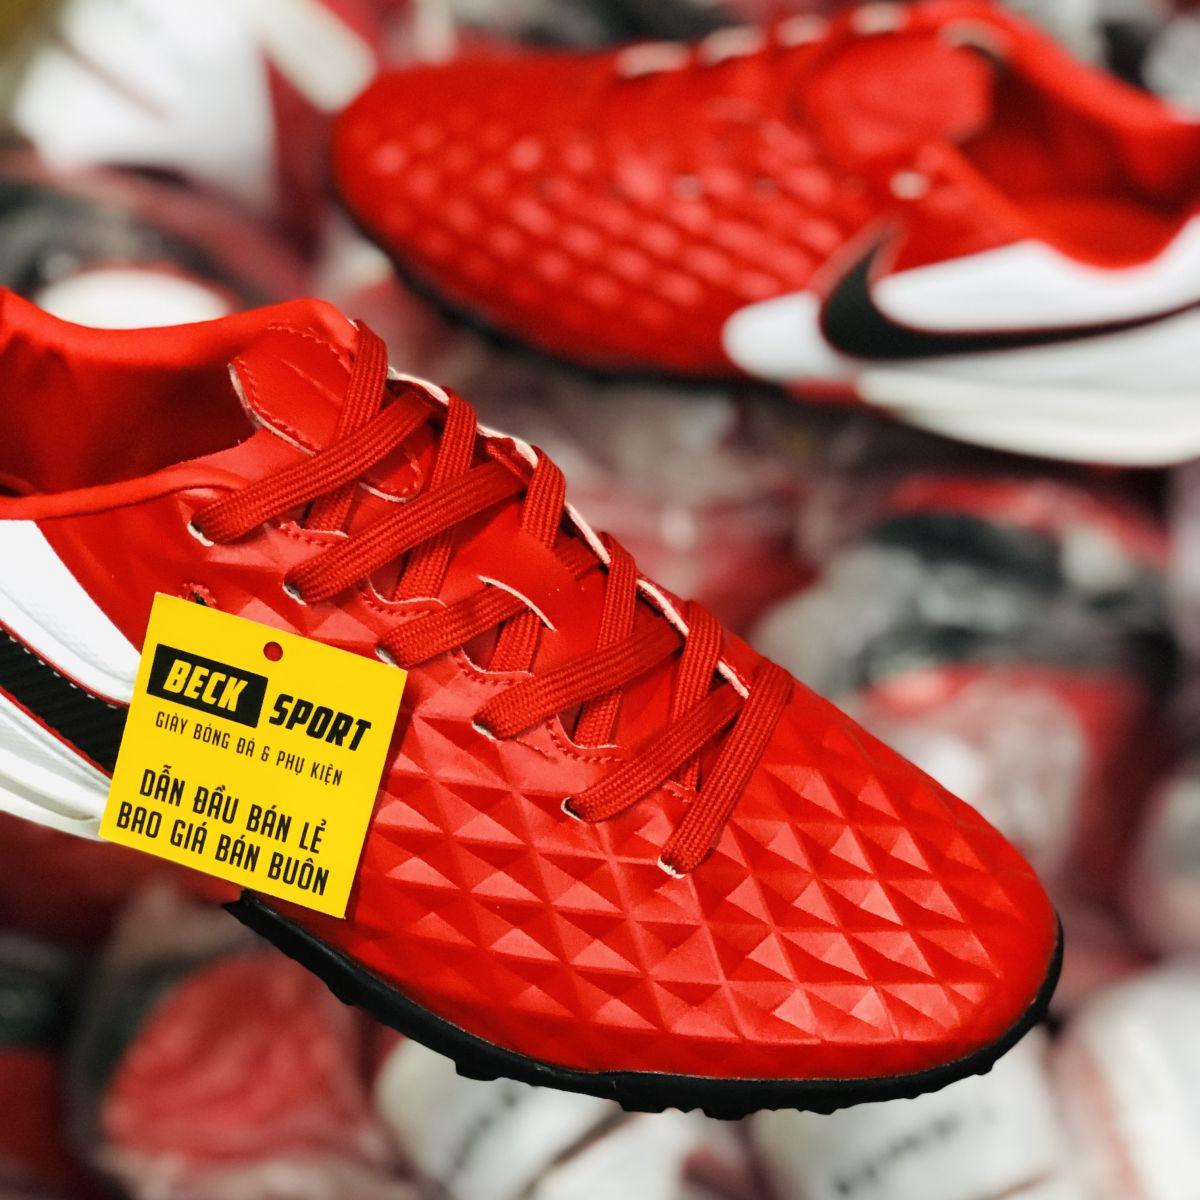 Giày Bóng Đá Nike Tiempo Legend 8 Pro Đỏ Gót Trắng Vạch Đen TF